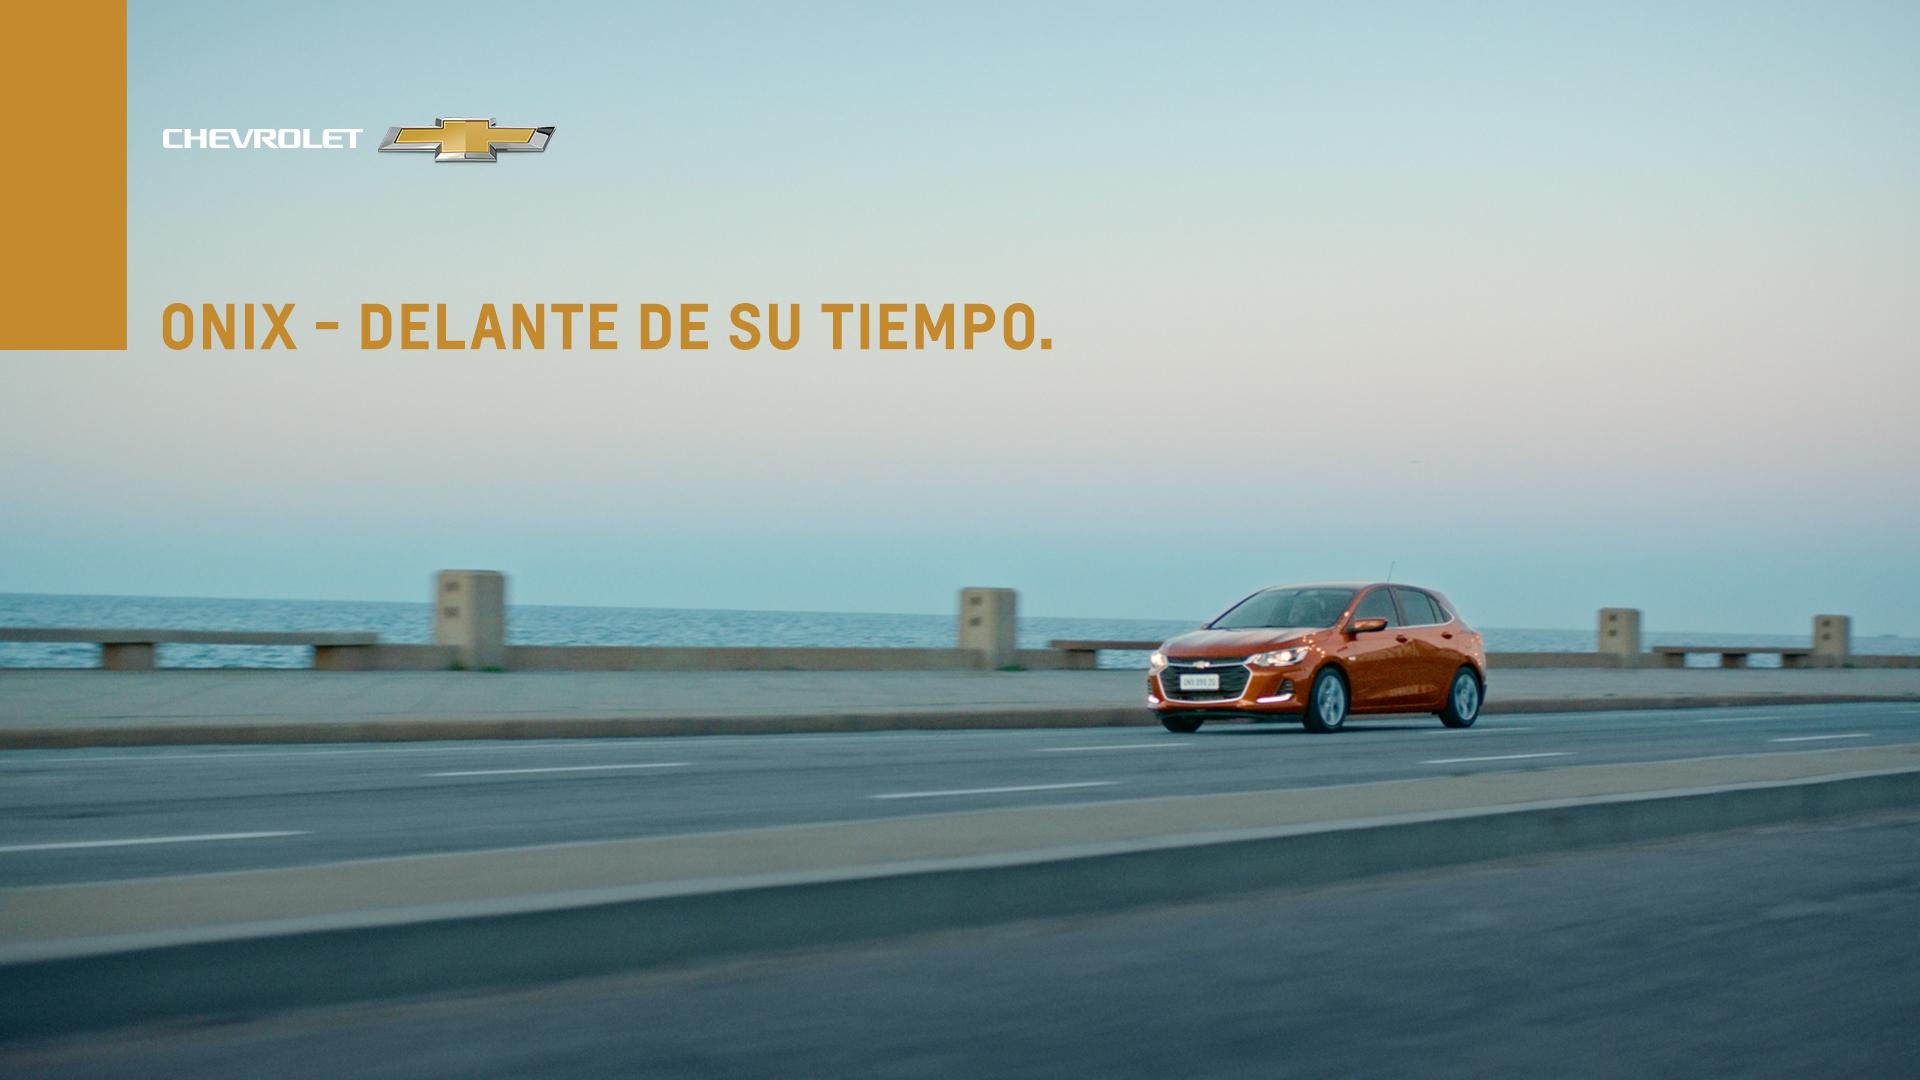 Chevrolet Onix. Delante de su tiempo